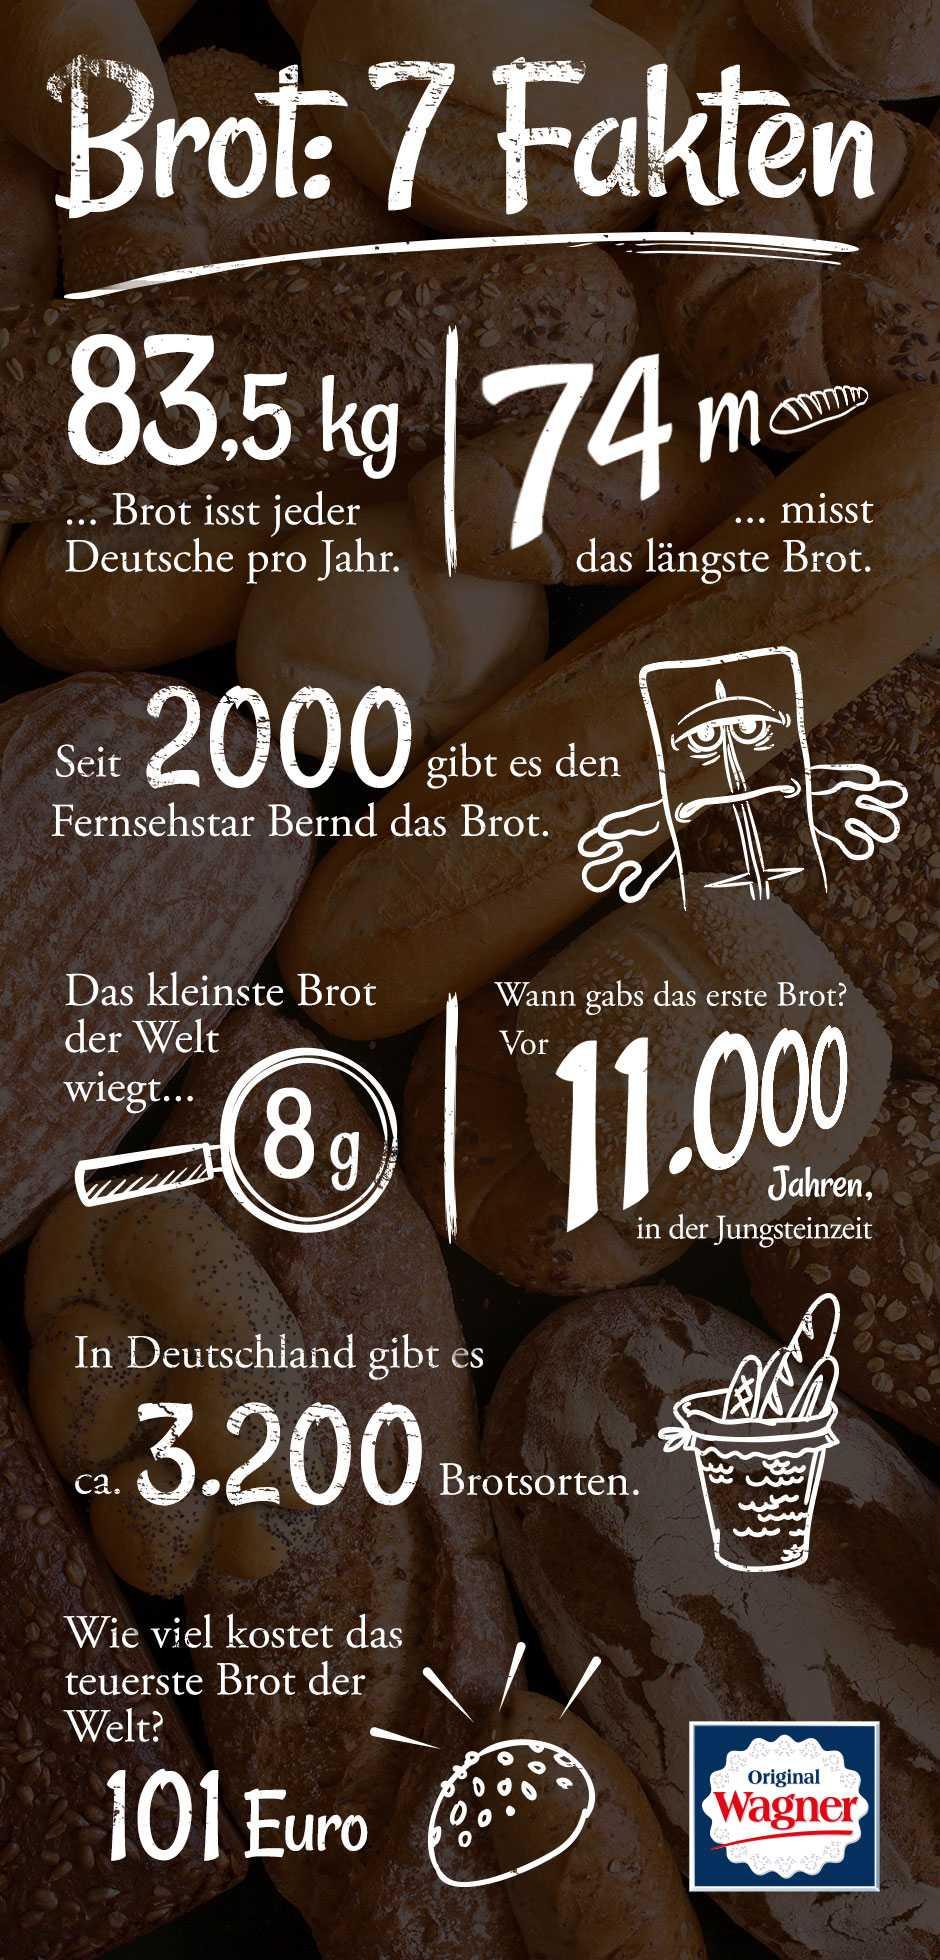 Sieben Fakten zu Brot